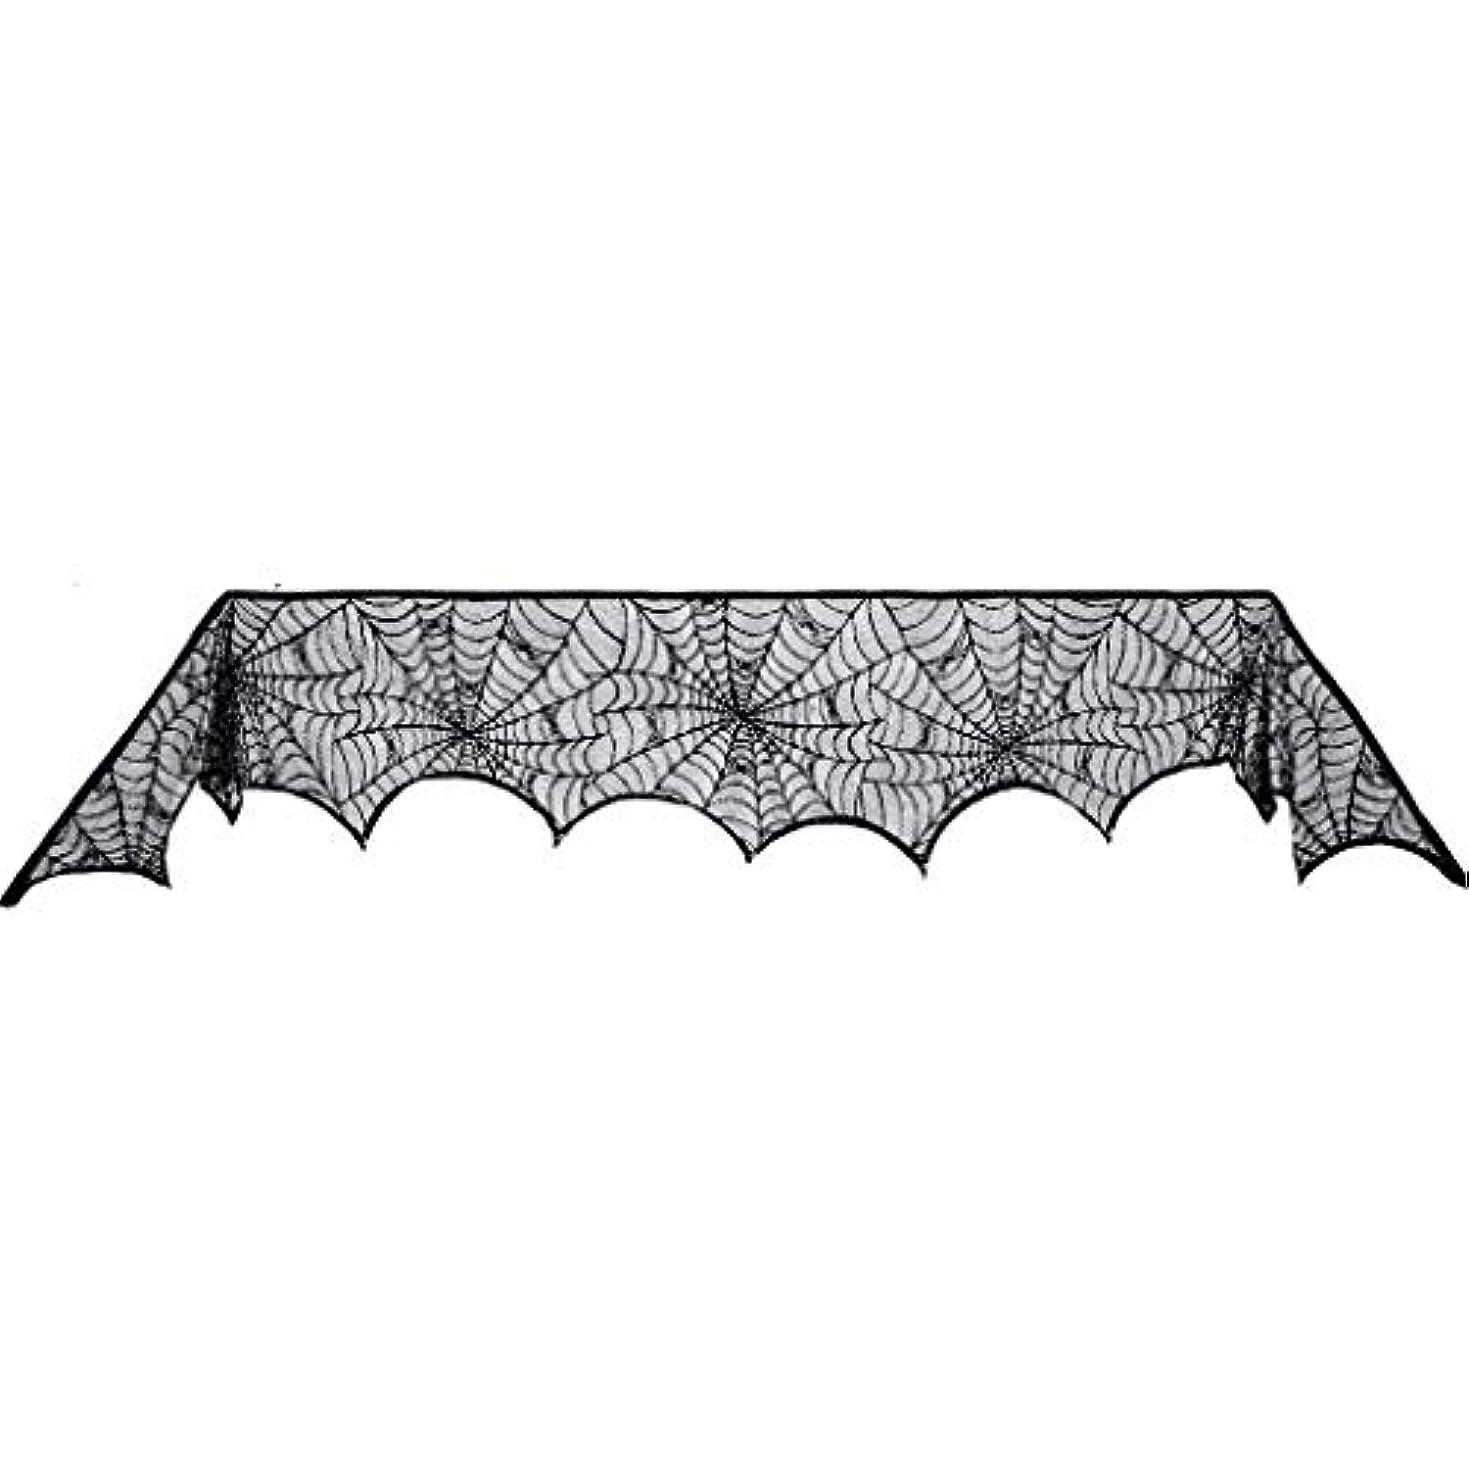 上昇発音する金属ハロウィンの黒いレースのクモの巣の暖炉のマントルスカーフカバー、ハロウィンの小道具の装飾